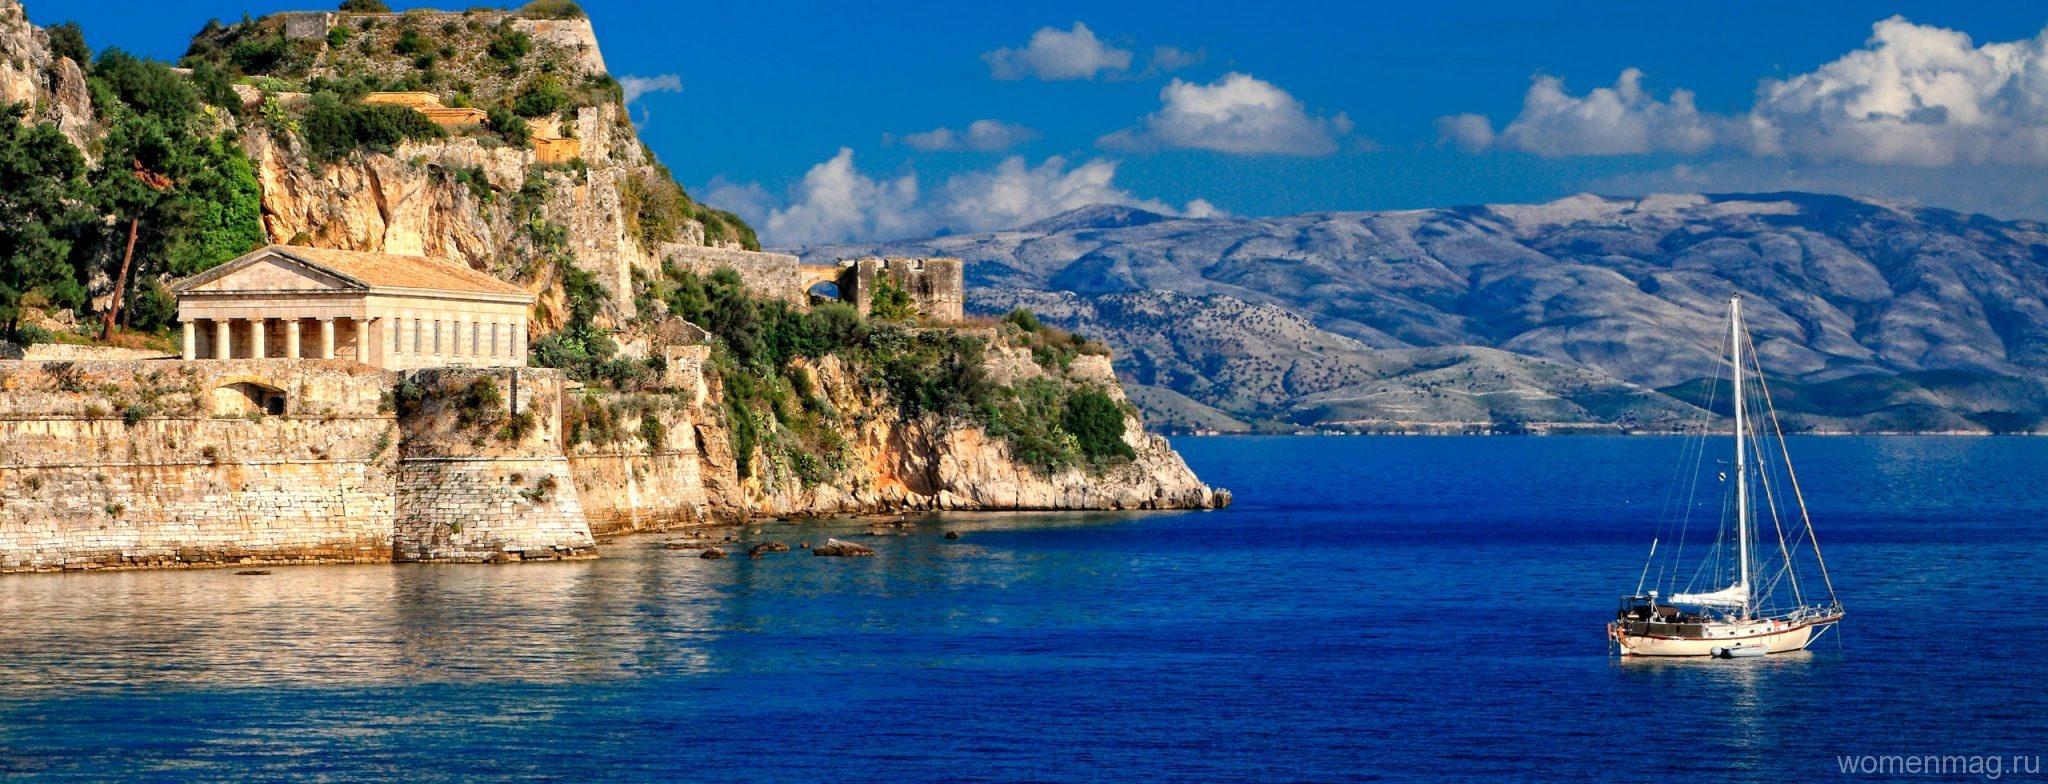 Отдых в Греции — Остров Корфу